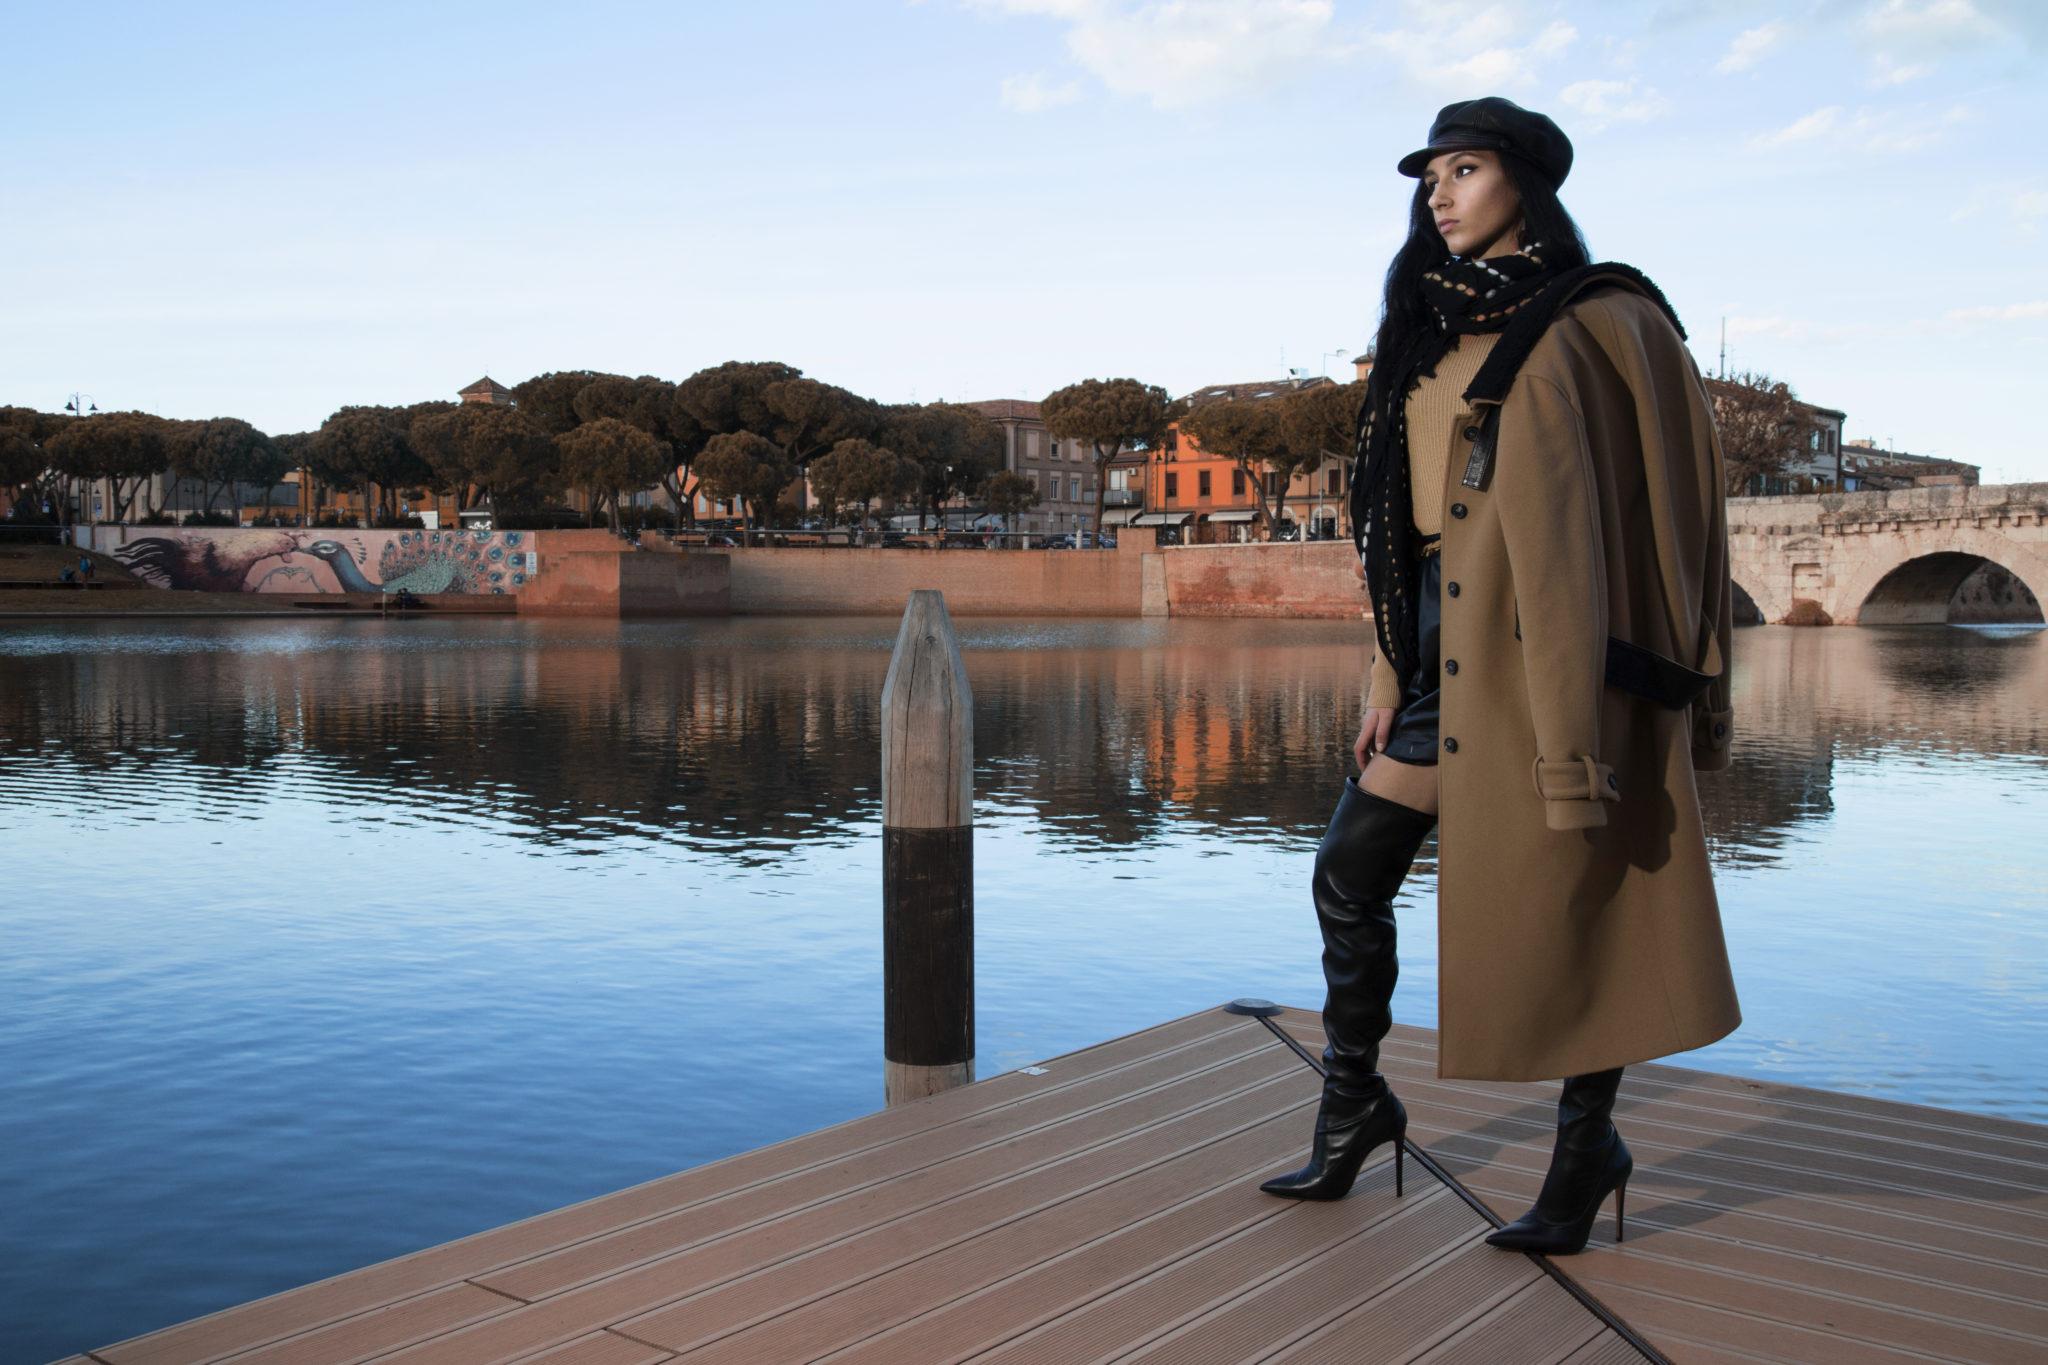 Chris Fx - fotografia pubblicitaria fashion